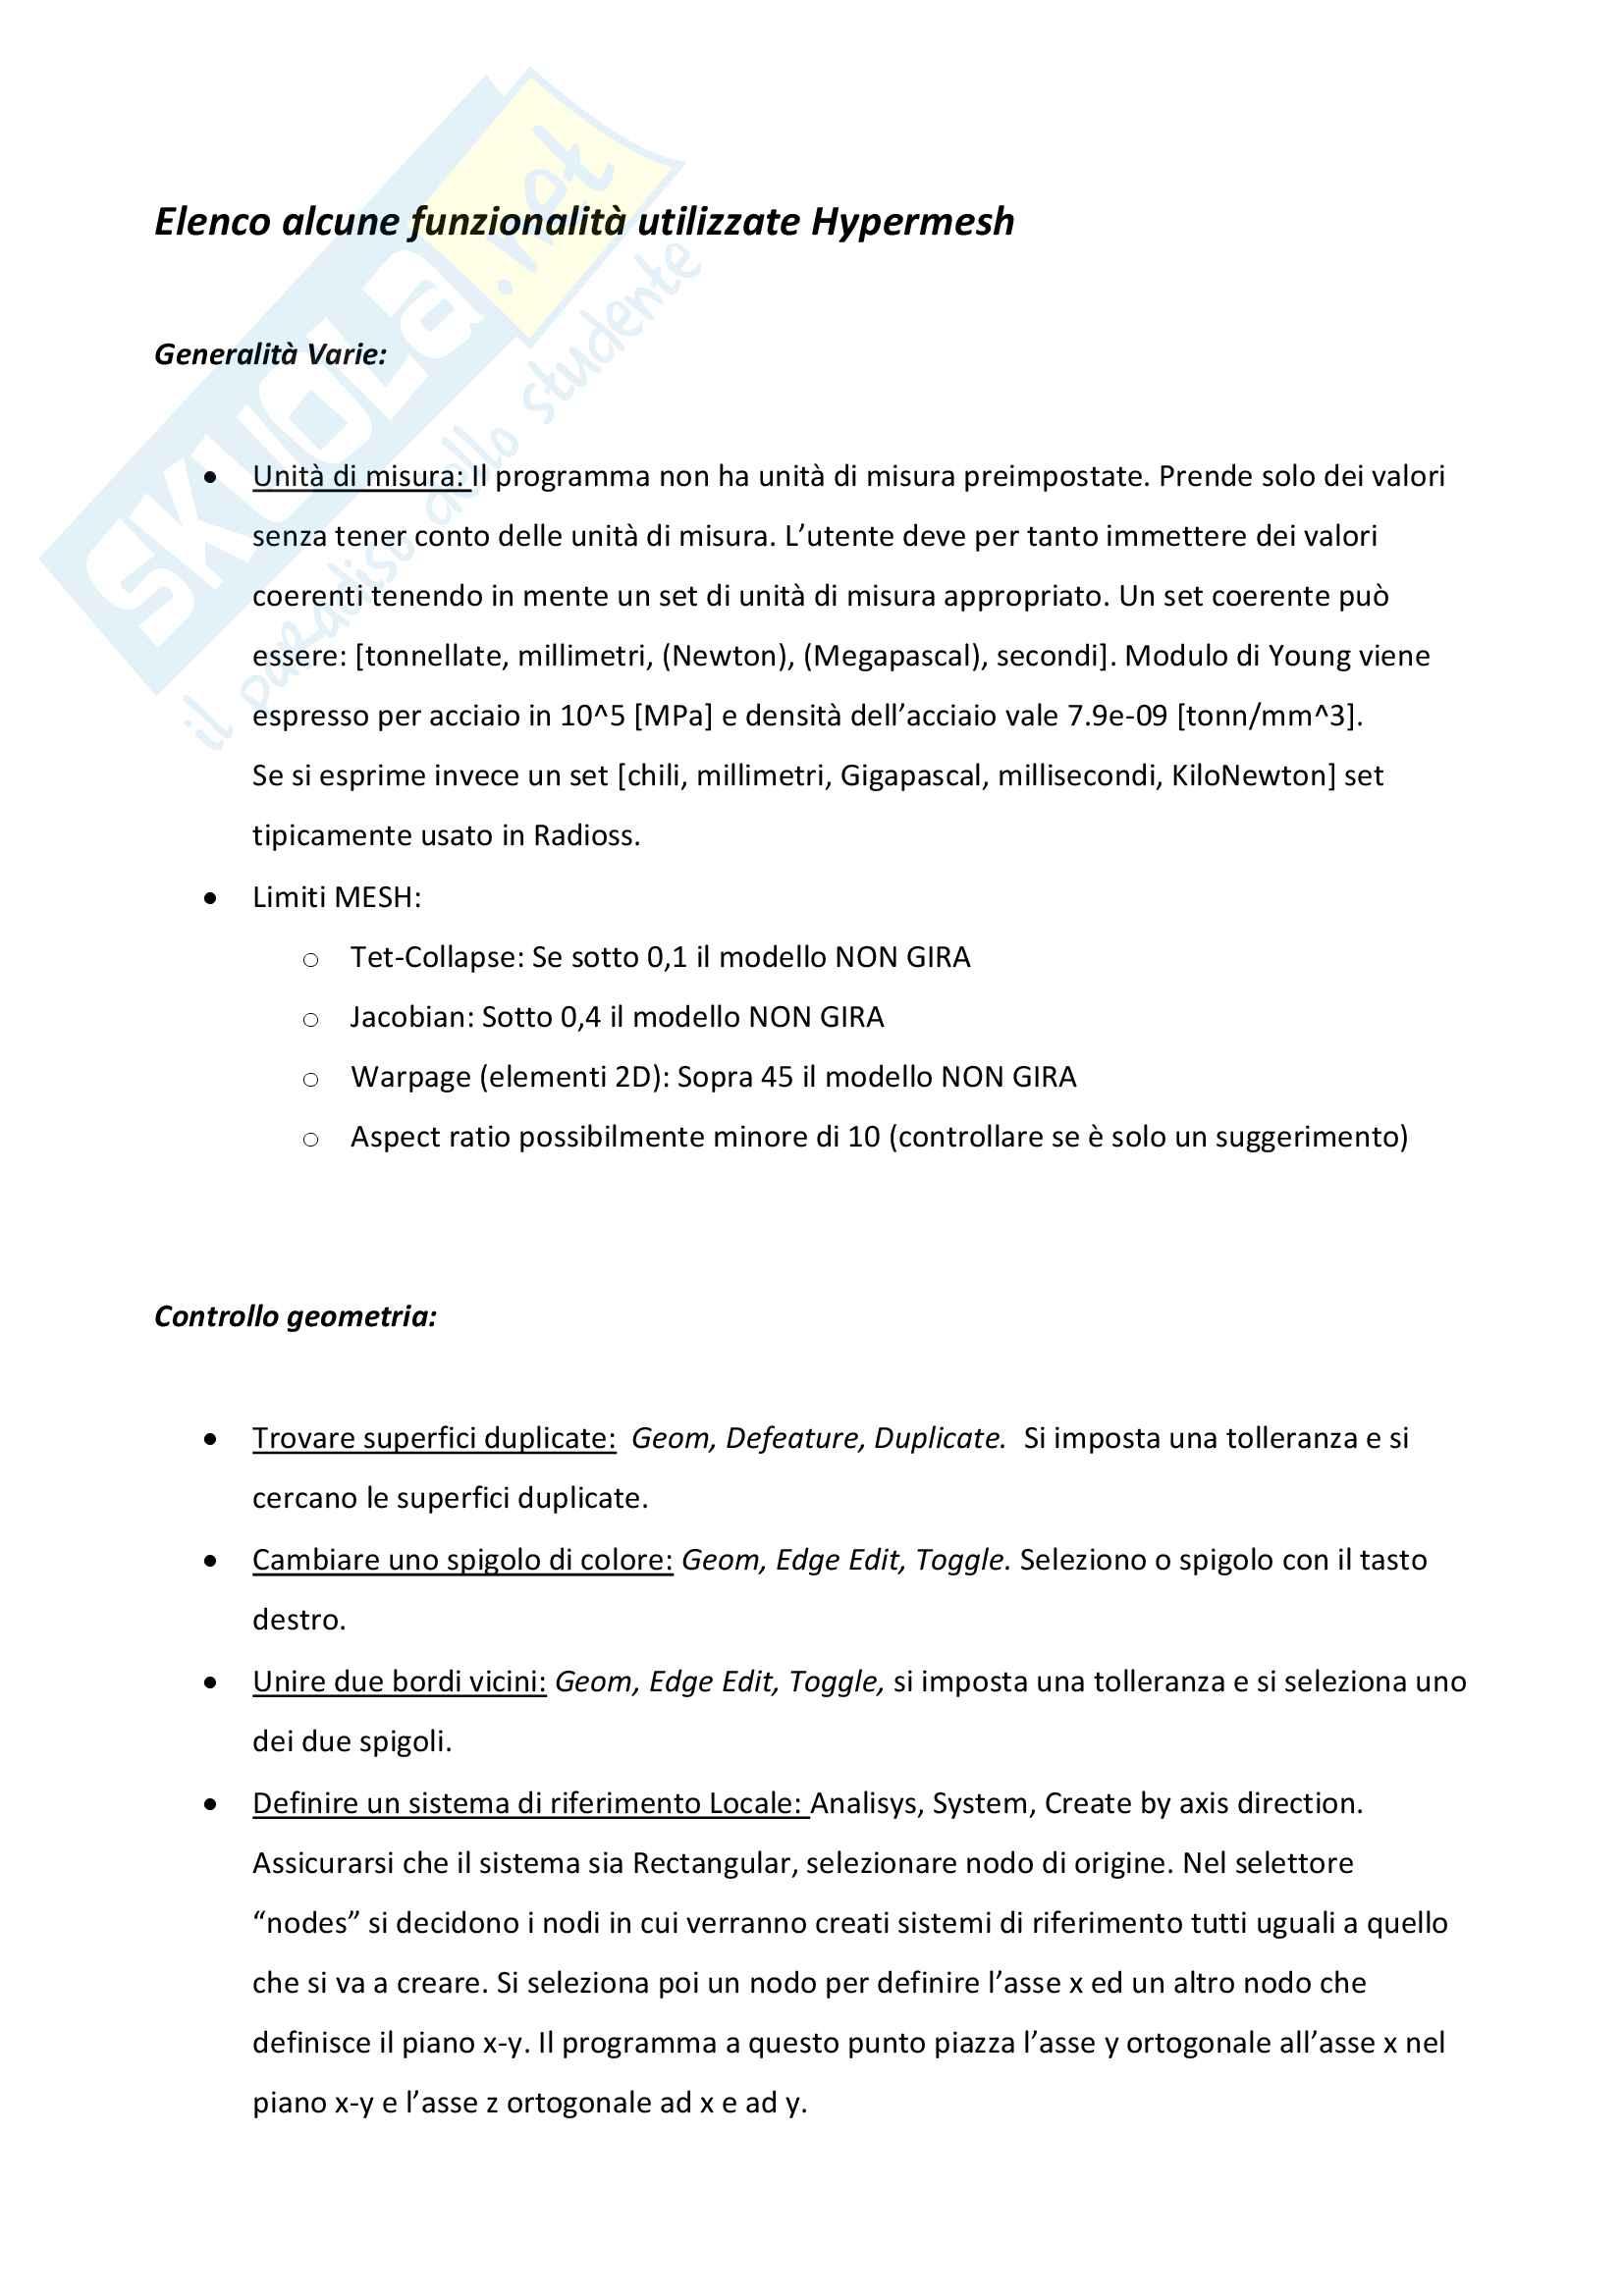 Guida pratica alle funzionalità di base di Hypermesh